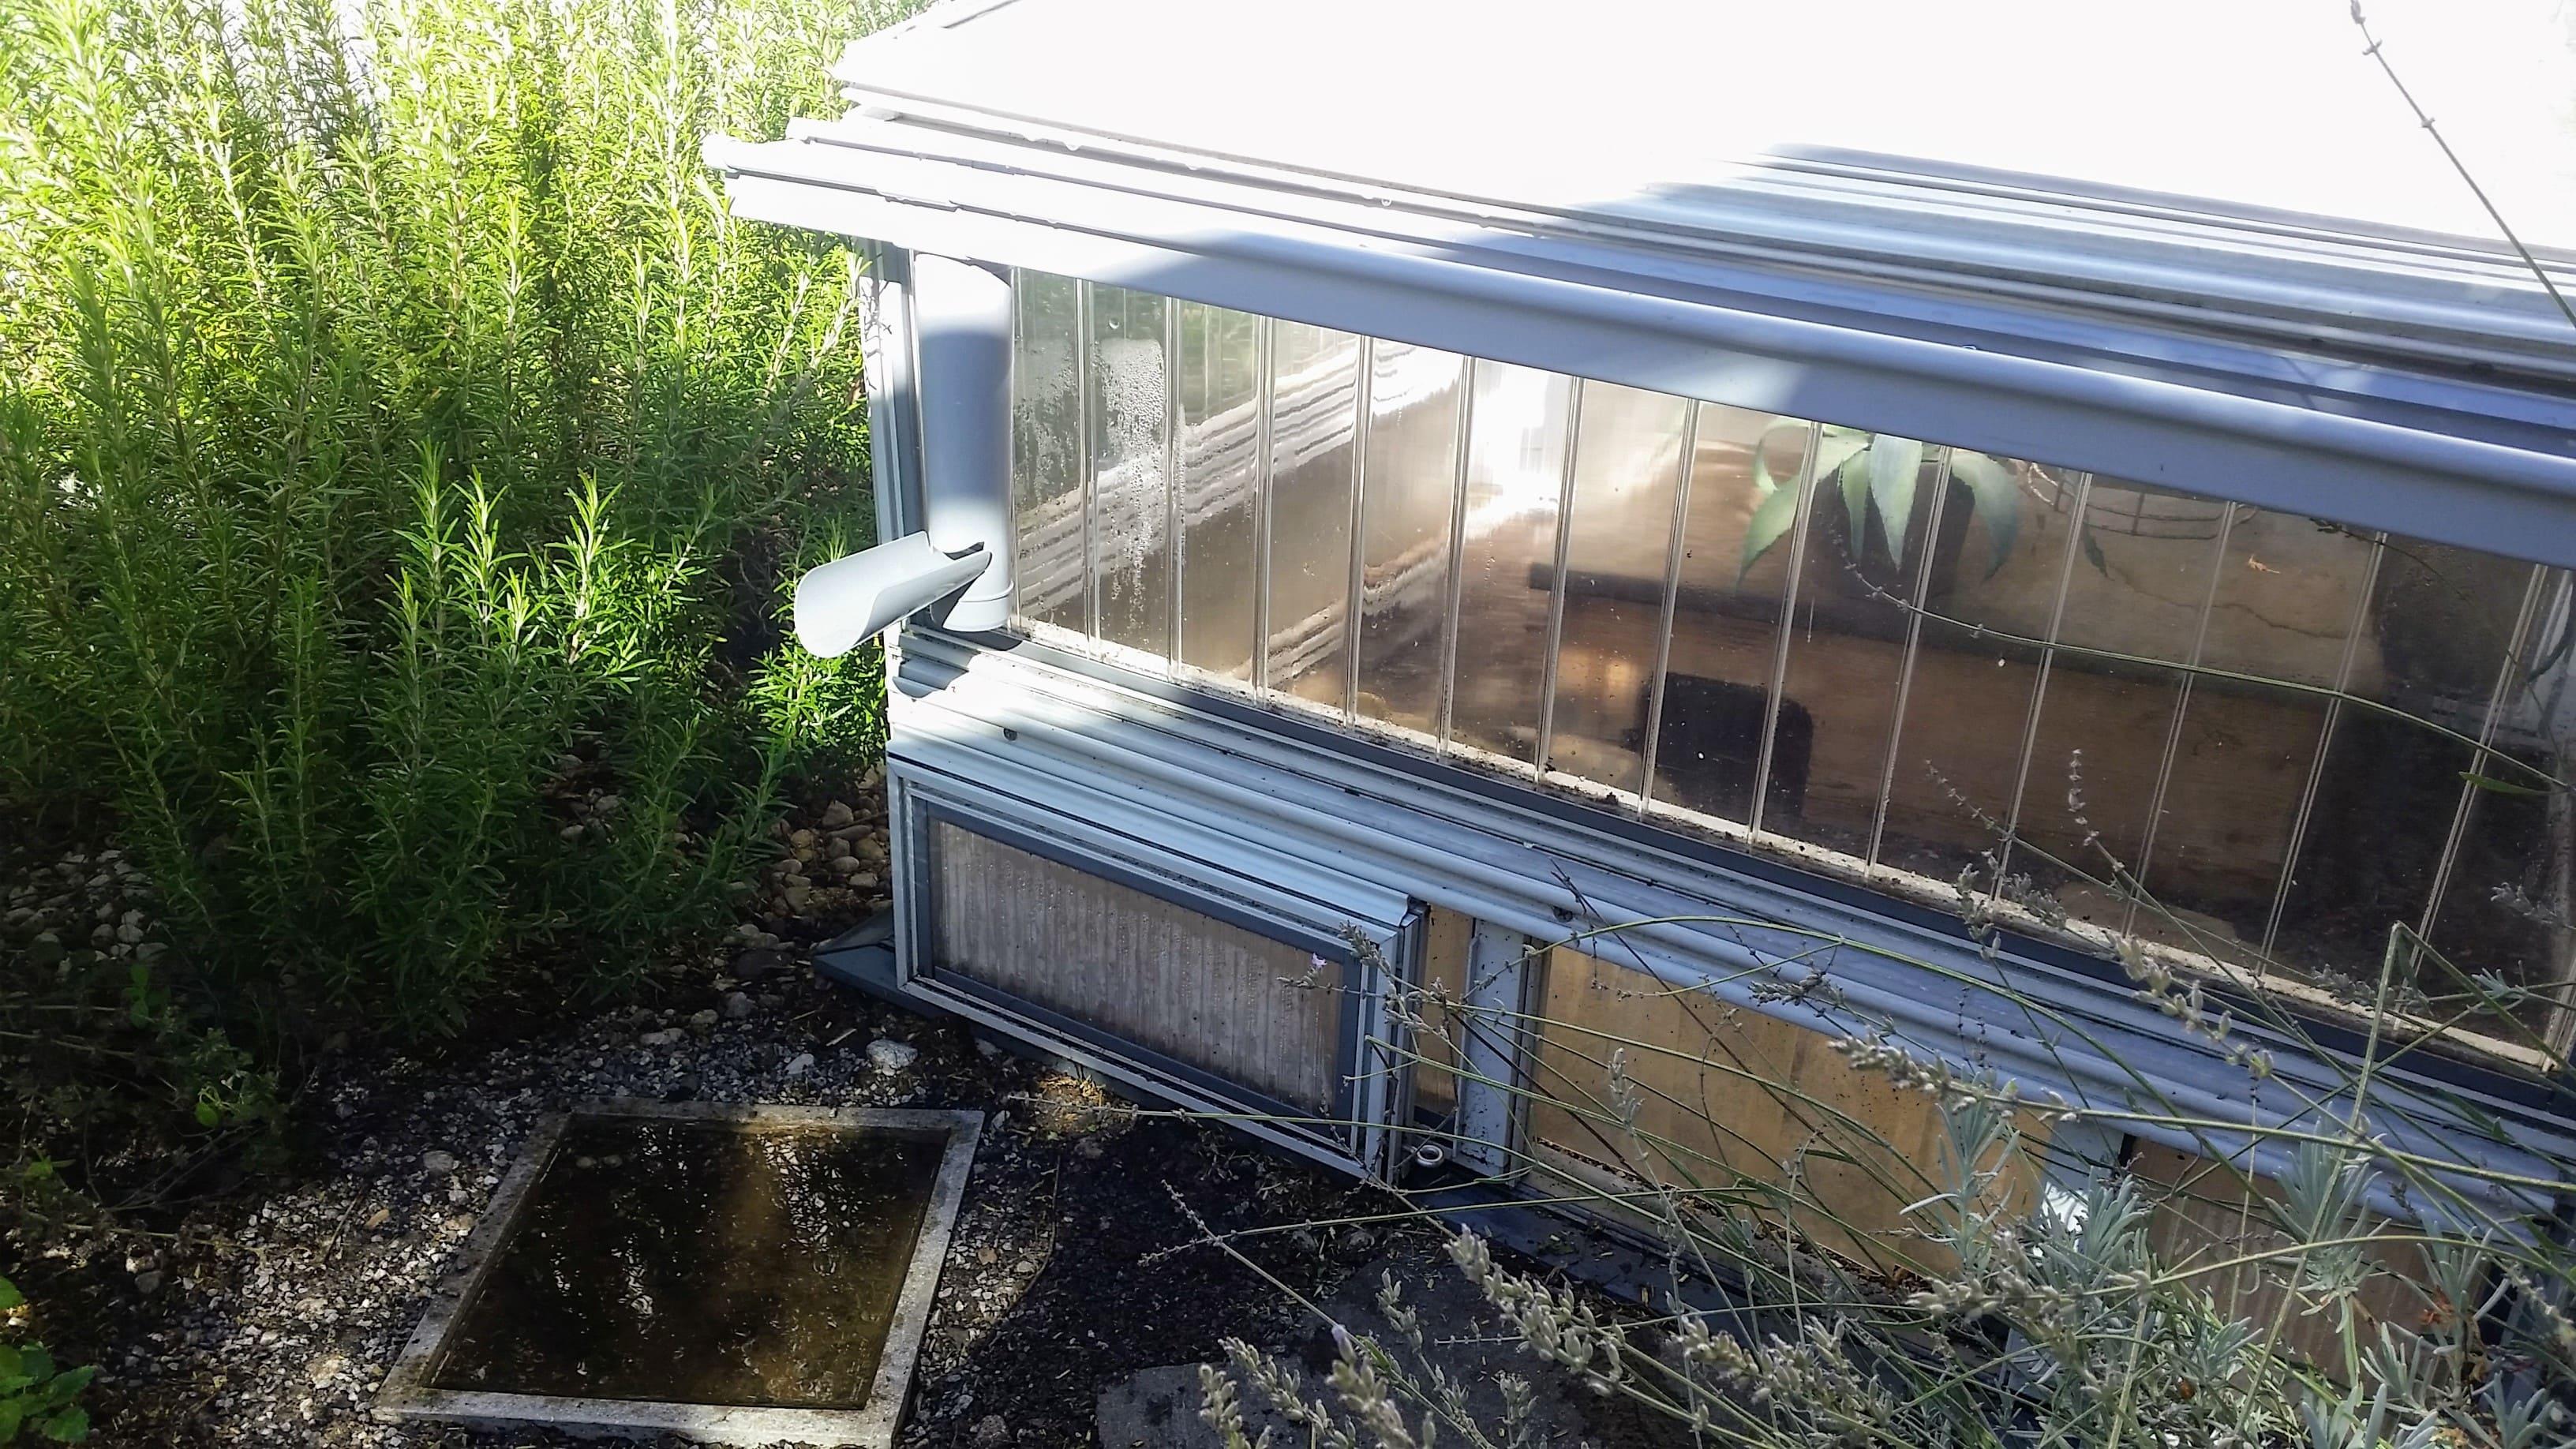 installation einer dachrinne am schildkr ten fr hbeet. Black Bedroom Furniture Sets. Home Design Ideas